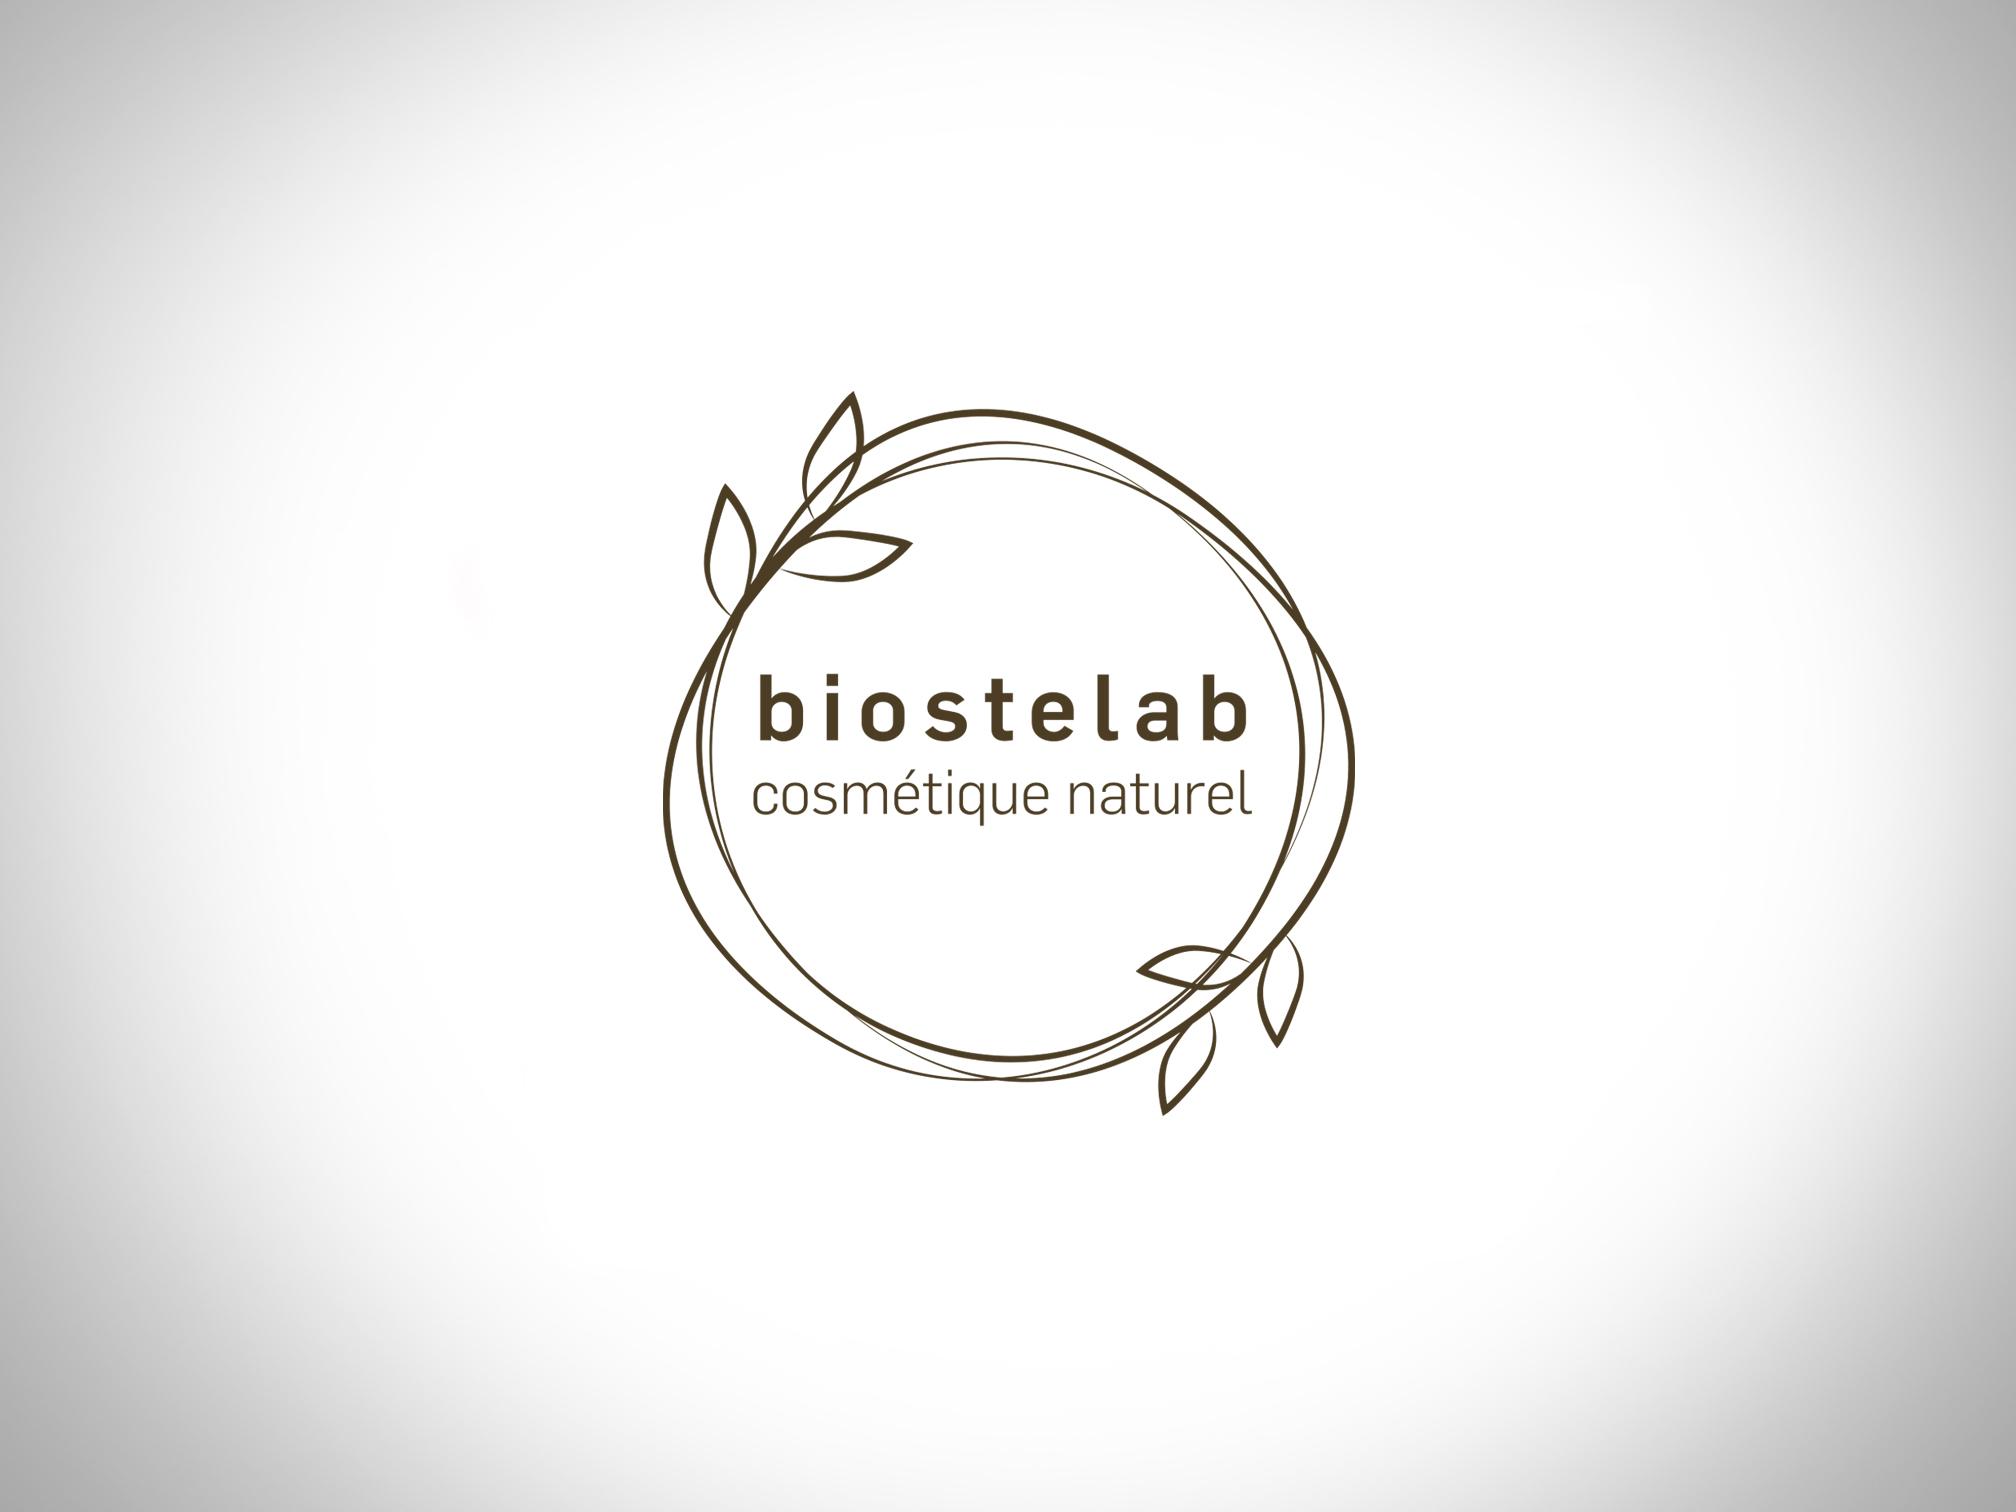 biostelab